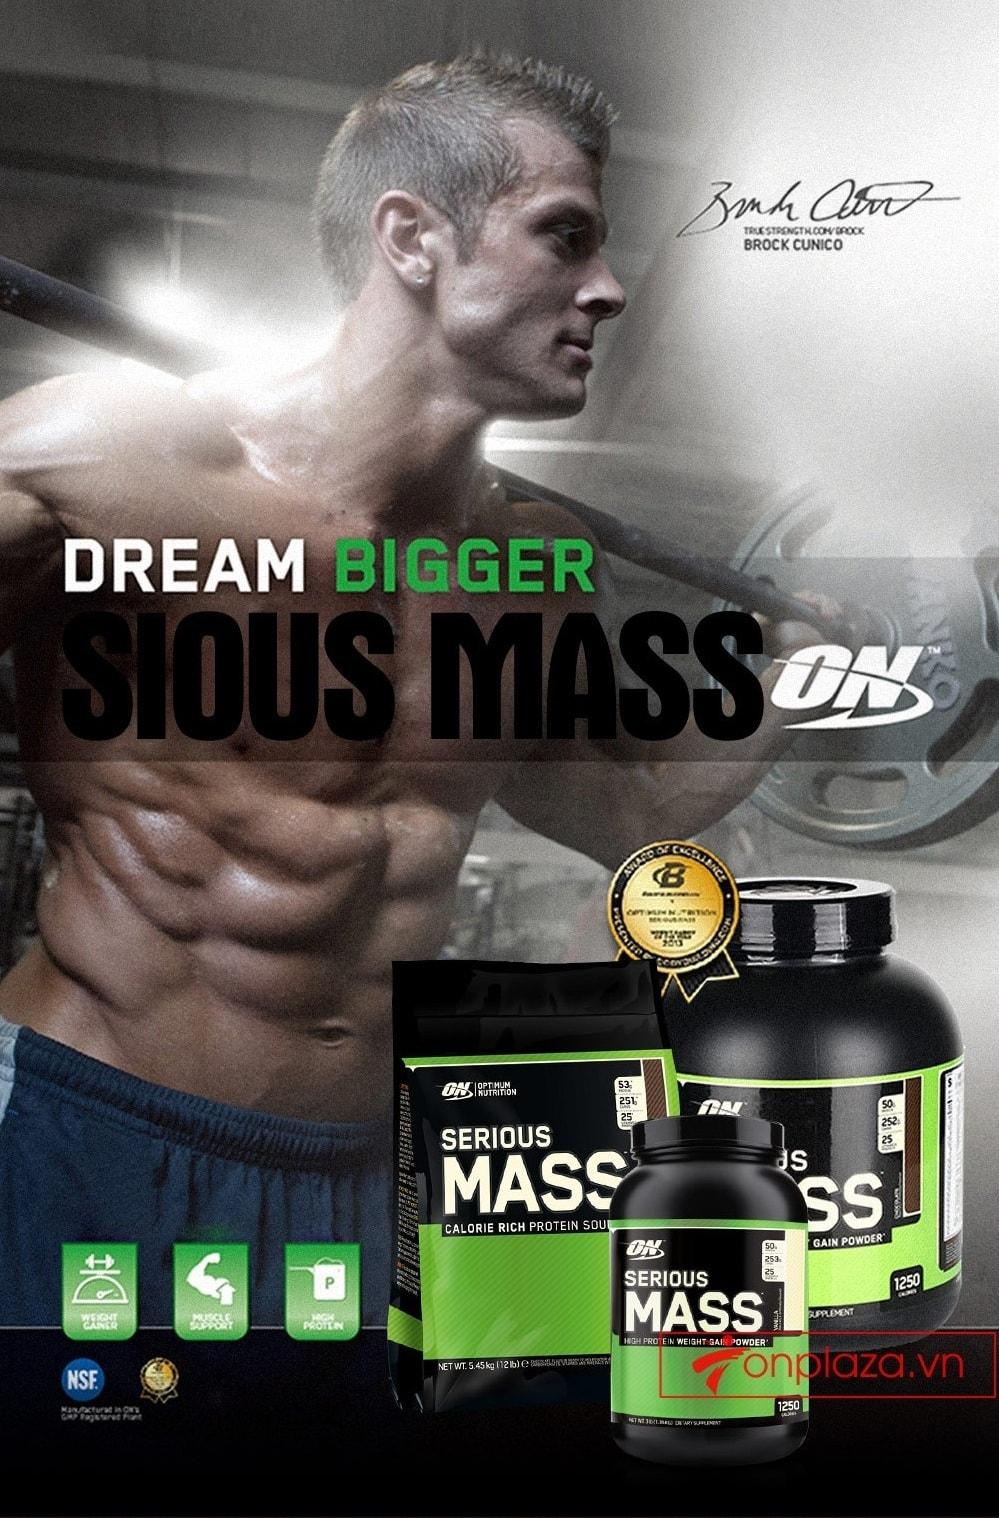 Công dụng của Sirious Mass với những người tăng cân, tăng thể hình 1